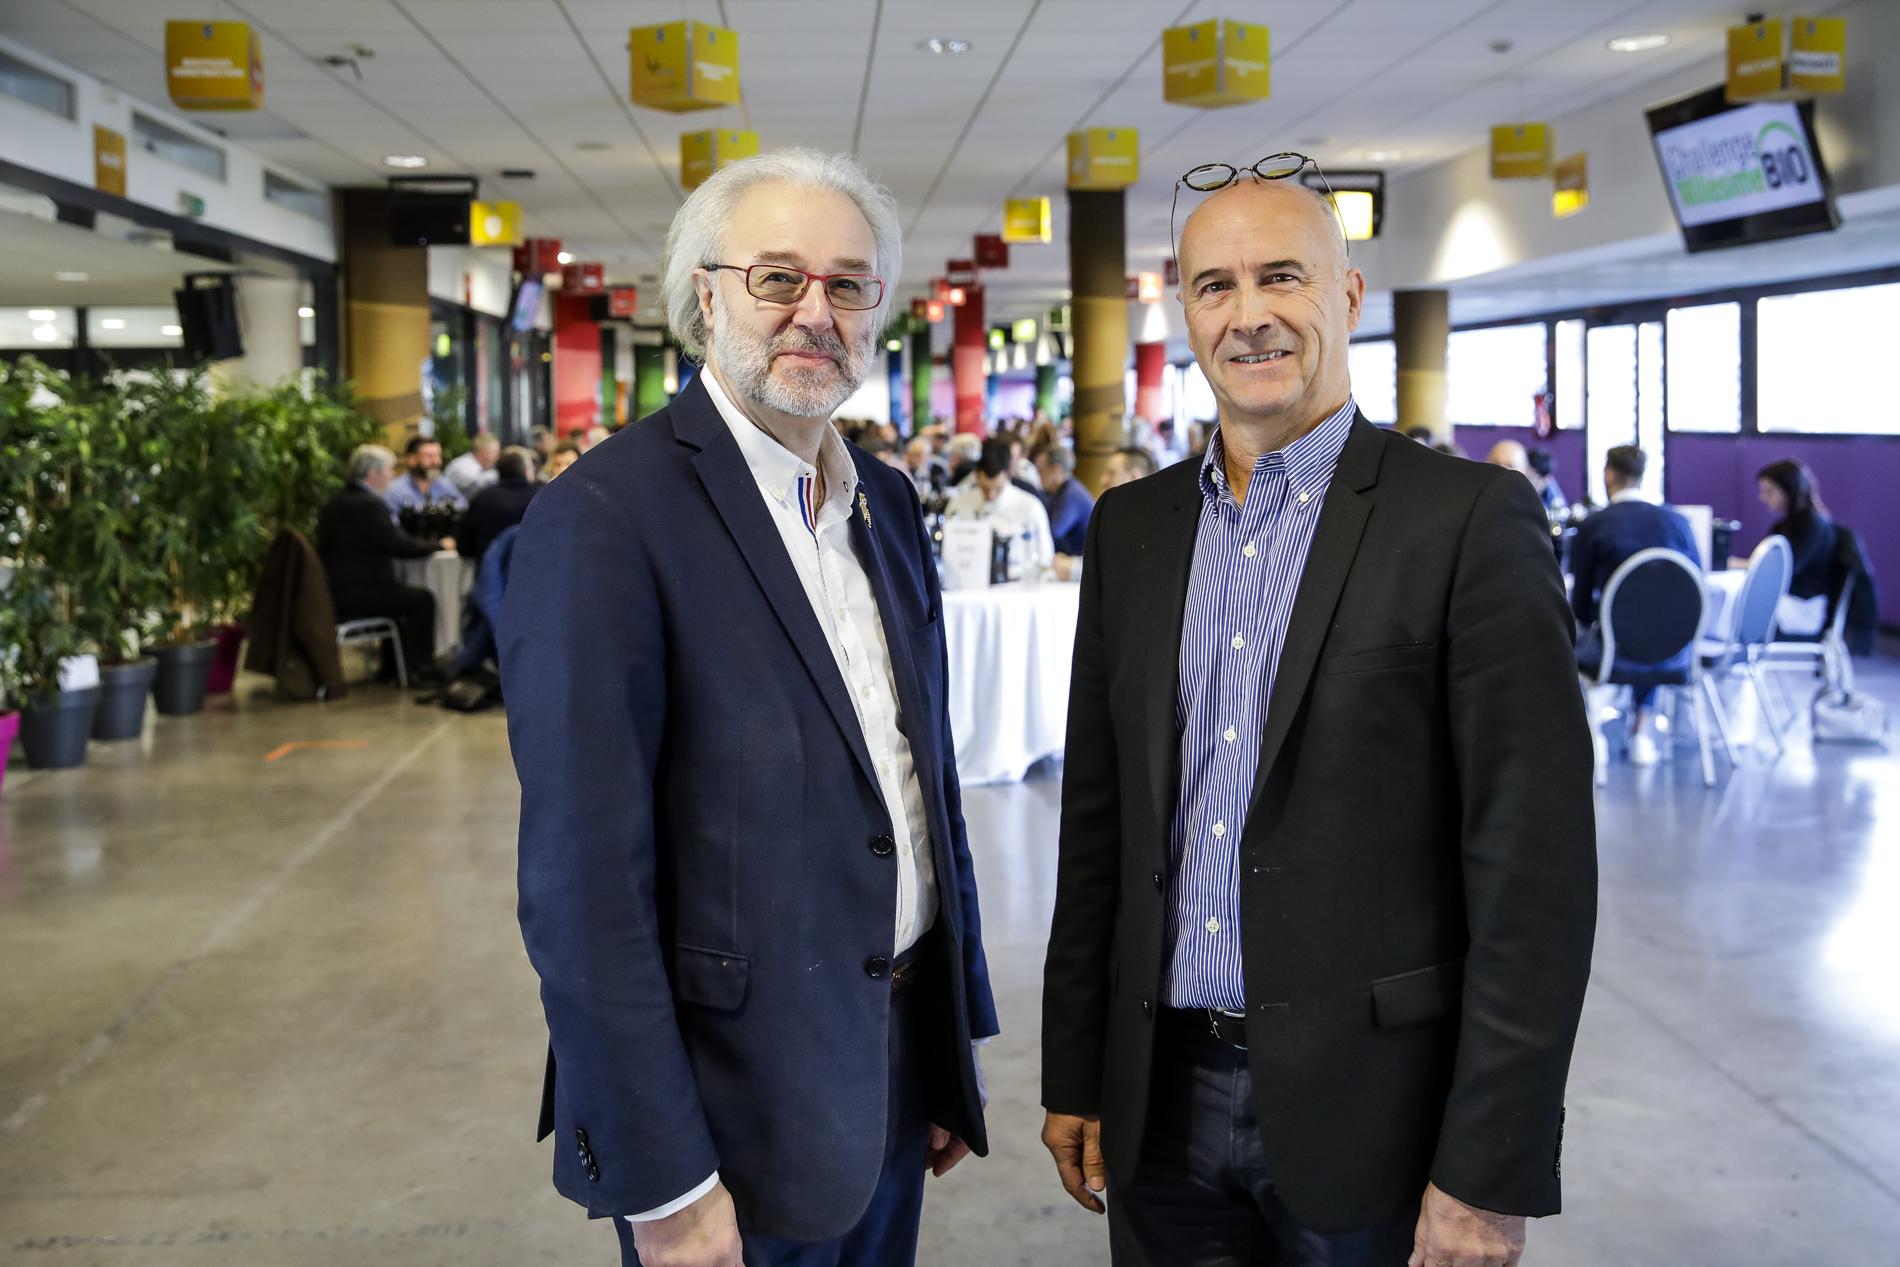 Jacques Frelin und Philippe Faure Brac, der beste Kellermeister der Welt